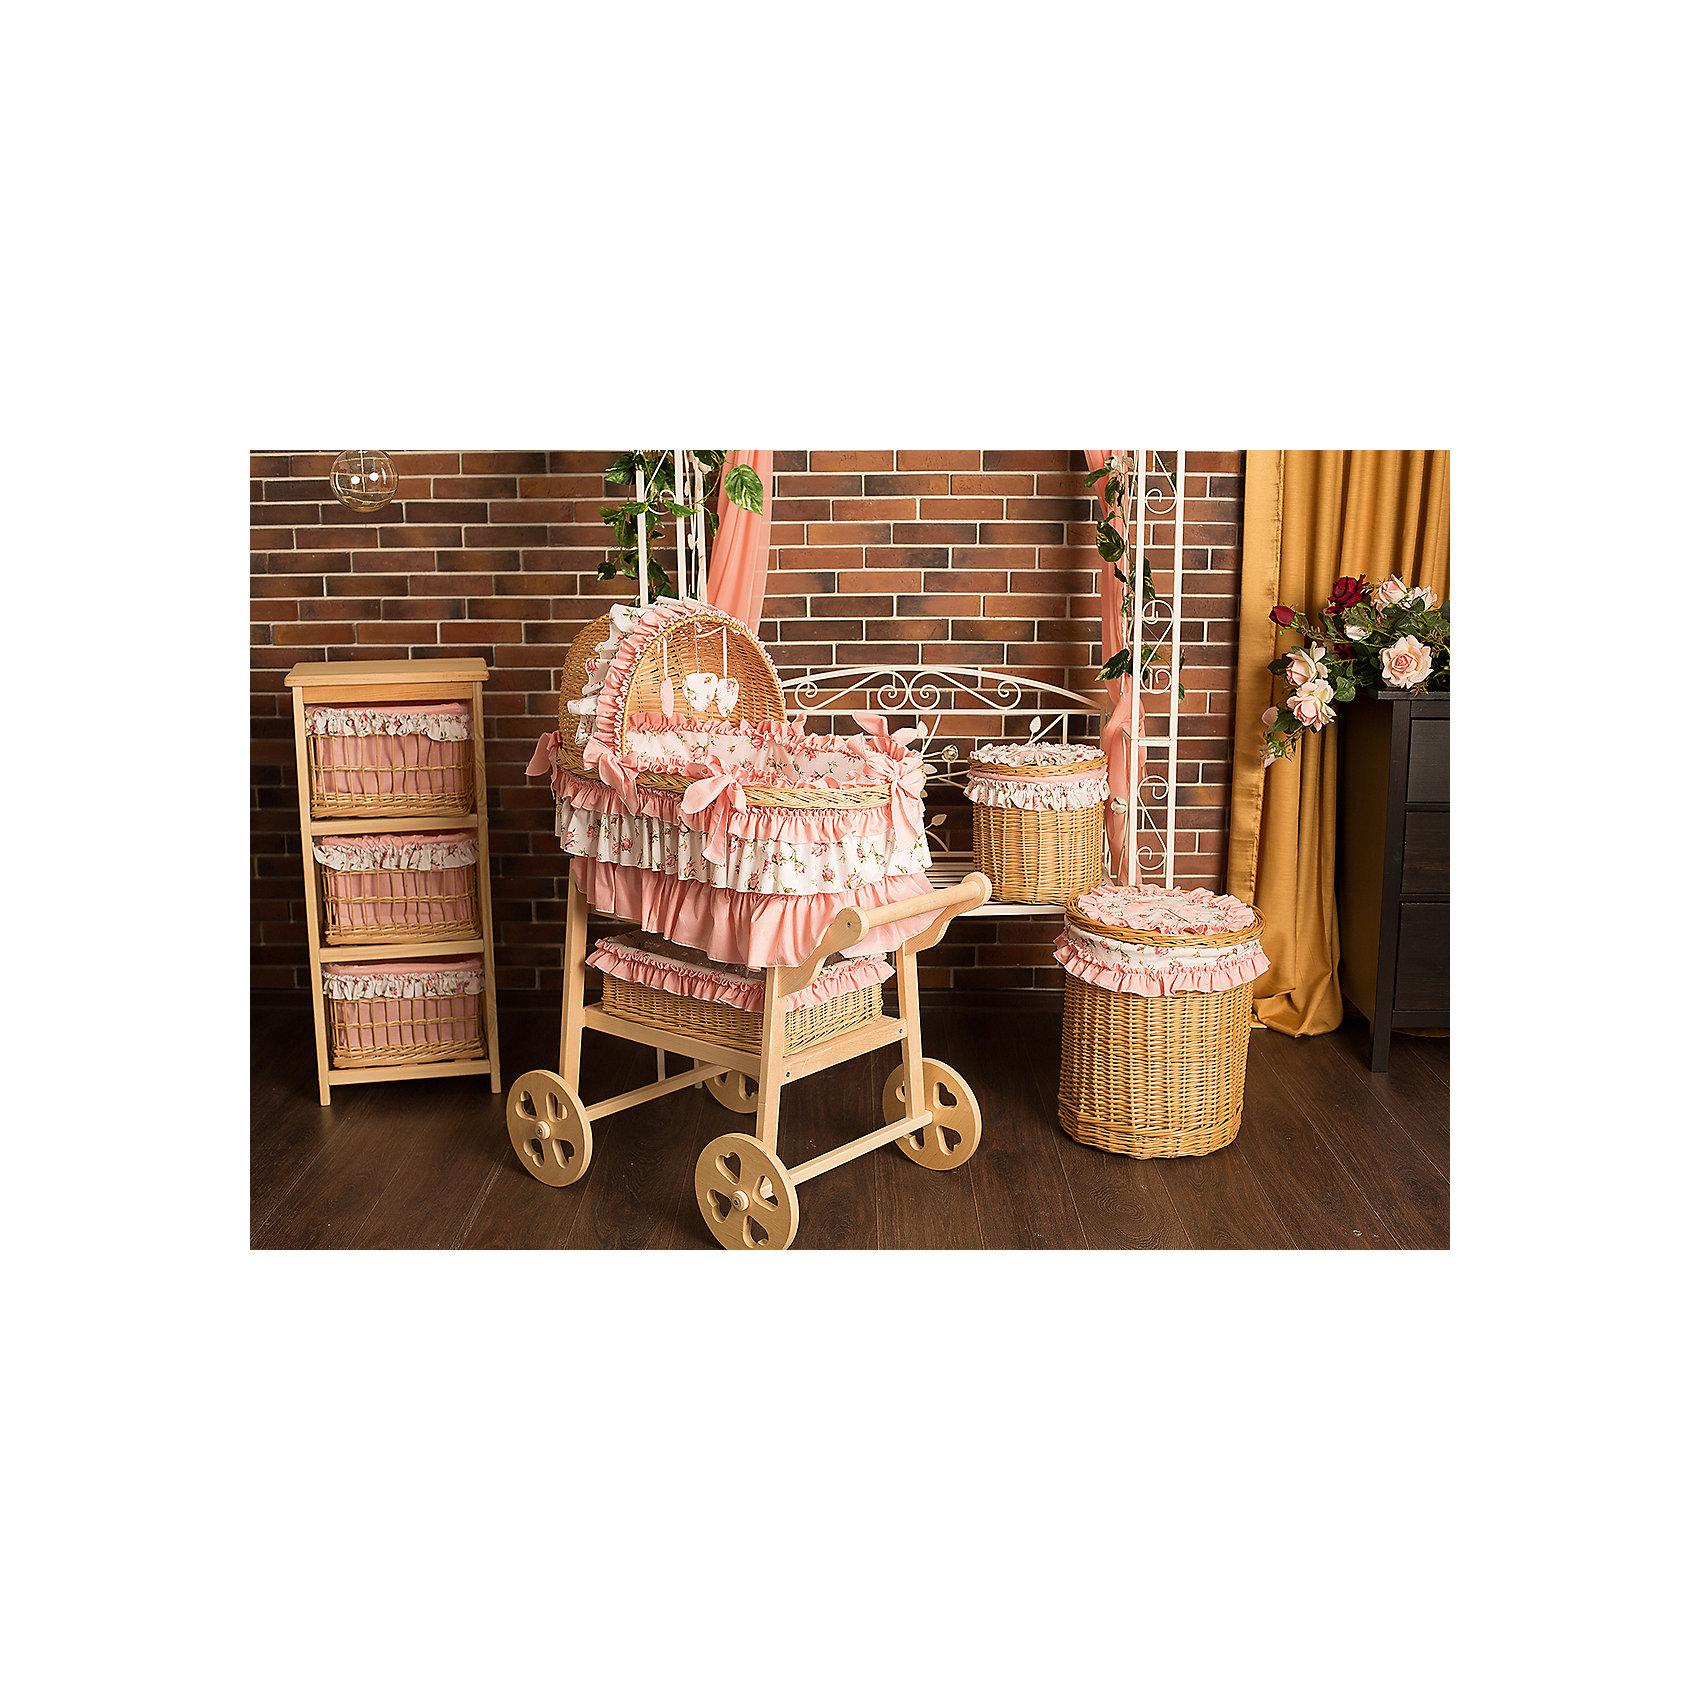 Люлька плетеная Роза, GulSaraКолыбели, люльки<br>Характеристики:<br><br>• Пол: для девочки<br>• Тематика рисунка: цветы<br>• Материал: бязь, хлопок 100%; лоза, дерево<br>• Цвет: розовый<br>• Комплектация: <br> плетеная люлька – 1 шт. 89*50 см<br> бортики с козырьком – 1 шт. <br> одеяло – 1 шт. <br> матрасик – 1 шт. <br> наматрасник – 1 шт. <br> подушка – 1 шт. <br> наволочка – 1 шт. <br> чехлы на колеса – 4 шт.<br> бельевая корзина – 1 шт.<br>• Упаковка: воздушно-пузырьковый полиэтилен <br>• Особенности ухода: машинная стирка текстильных принадлежностей при температуре 30 градусов без использования отбеливающих веществ <br><br>Люлька плетеная Роза, GulSara от отечественного швейного производства, который выпускает современный текстиль и товары для новорожденных, изготовленных на основе вековых традиций. В своем производстве GulSara использует только экологичные и натуральные материалы, что обеспечивает их безопасность даже для малышей с чувствительной кожей. Комплект состоит из люльки, набора текстильных принадлежностей и корзины для белья. <br><br>Плетеная люлька в форме овала изготовлена из специально выделанной лозы, у нее устойчивое днище и козырек. Колеса и подставка выполнены из натуральной древесины. Комплект постельных принадлежностей выполнен из натурального хлопка – бязи, которая обладает хорошими гигиеническими свойствами и устойчивым принтом. Текстильные принадлежности изготовлены из цельного полотна, боковые швы – закрытые, что обеспечивает их прочность и надежность. <br><br>В комплекте предусмотрена бельевая корзина, выполненная в едином стиле с комплектом. Маневренность и мобильность люльке обеспечивает подставка с колесами, благодаря которой ее можно вывозить на лоджию или летнюю веранду. Для обеспечения чистоты в доме, в комплекте предусмотрены чехлы на колеса. <br><br>Люлька плетеная Роза, GulSara – стильное и комфортное решение для детской комнаты новорожденного! <br><br>Люльку плетеную Роза, GulSara можно купить в нашем интернет-магазине.<br><br>